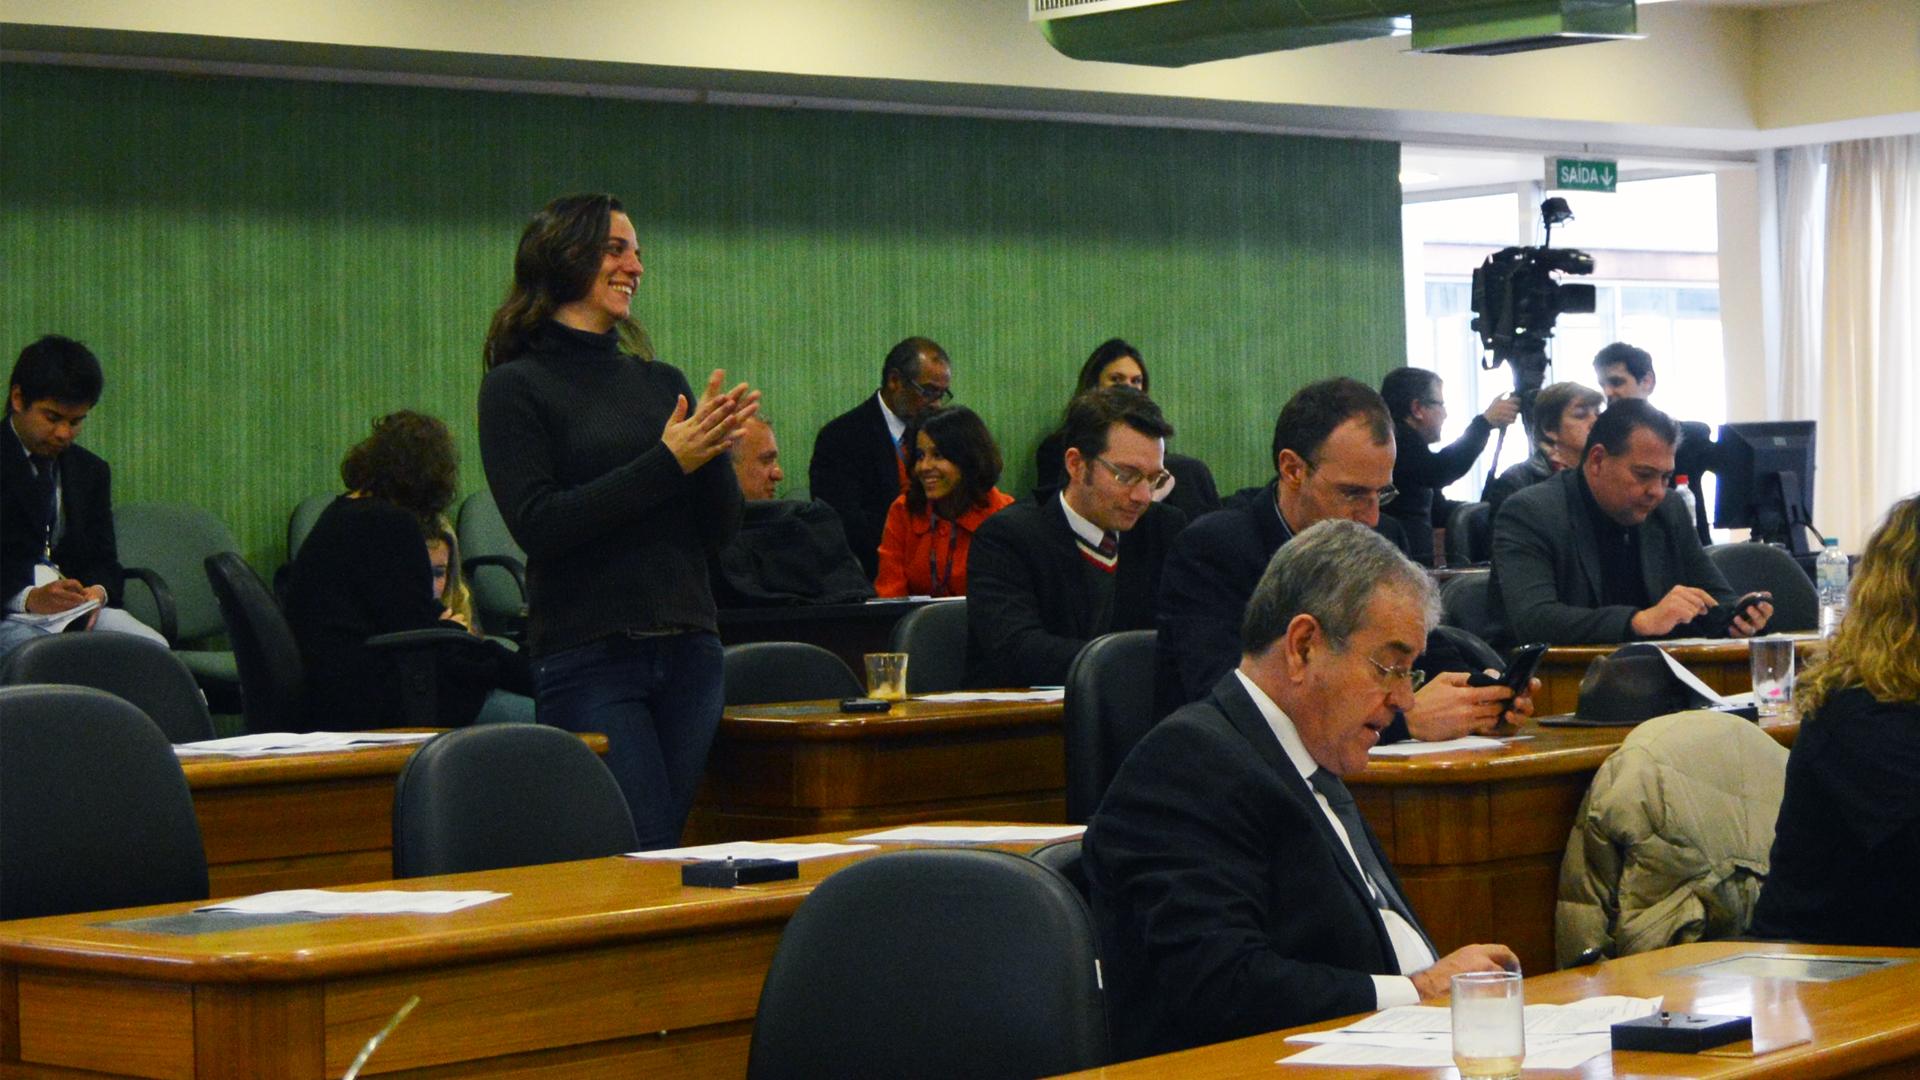 Câmara de Vereadores derruba veto da Prefeitura à ampliação para 20 dias da licença-paternidade dos servidores municipais